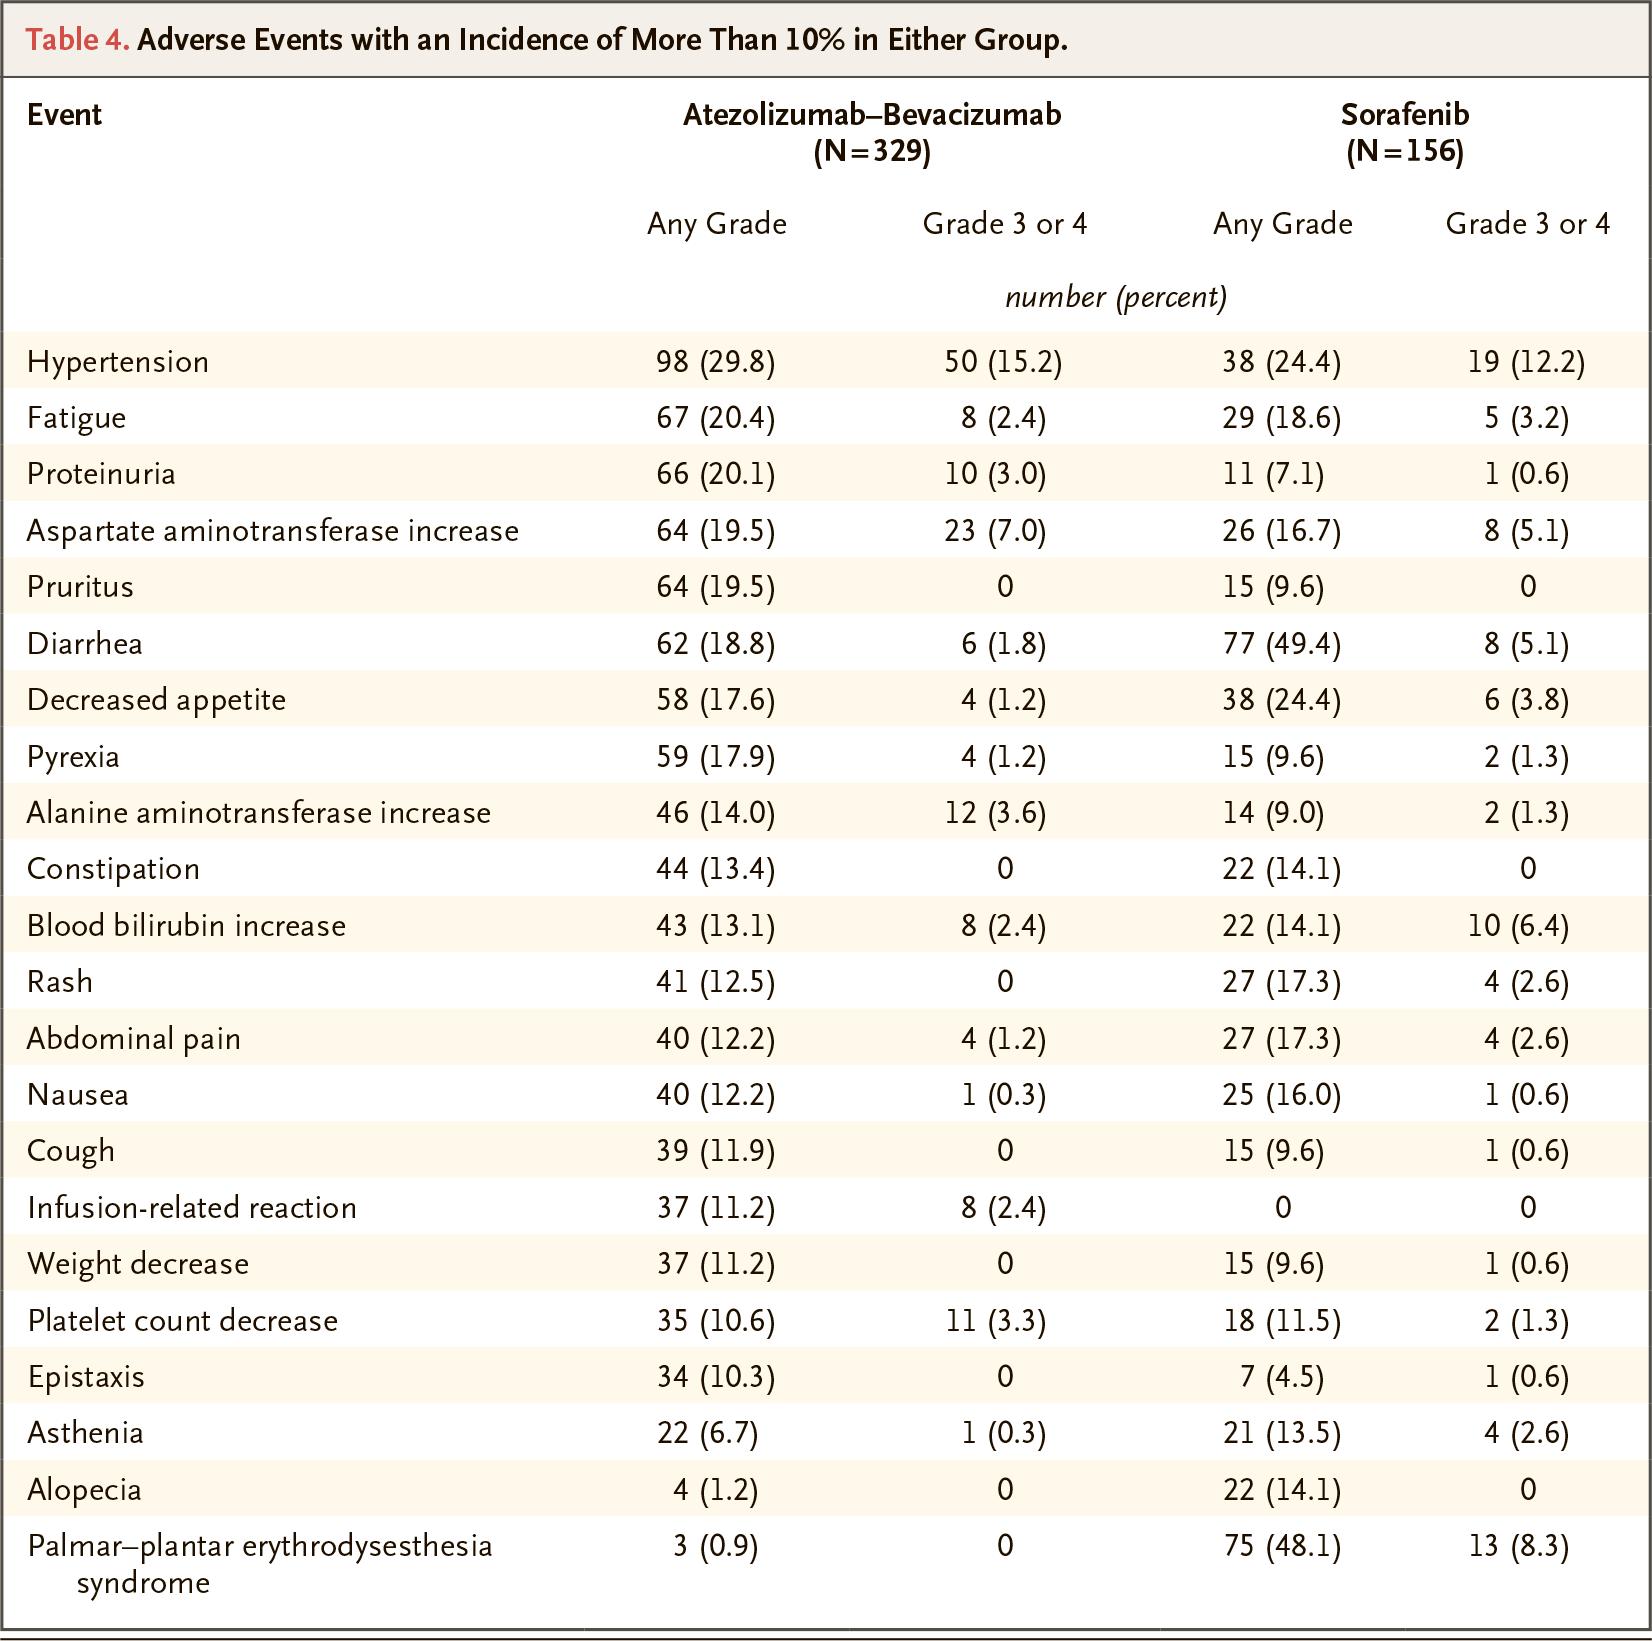 nct03434379 results 05 - «Тецентрик» плюс «Авастин»: иммуноонкологическое лечение гепатоцеллюлярной карциномы